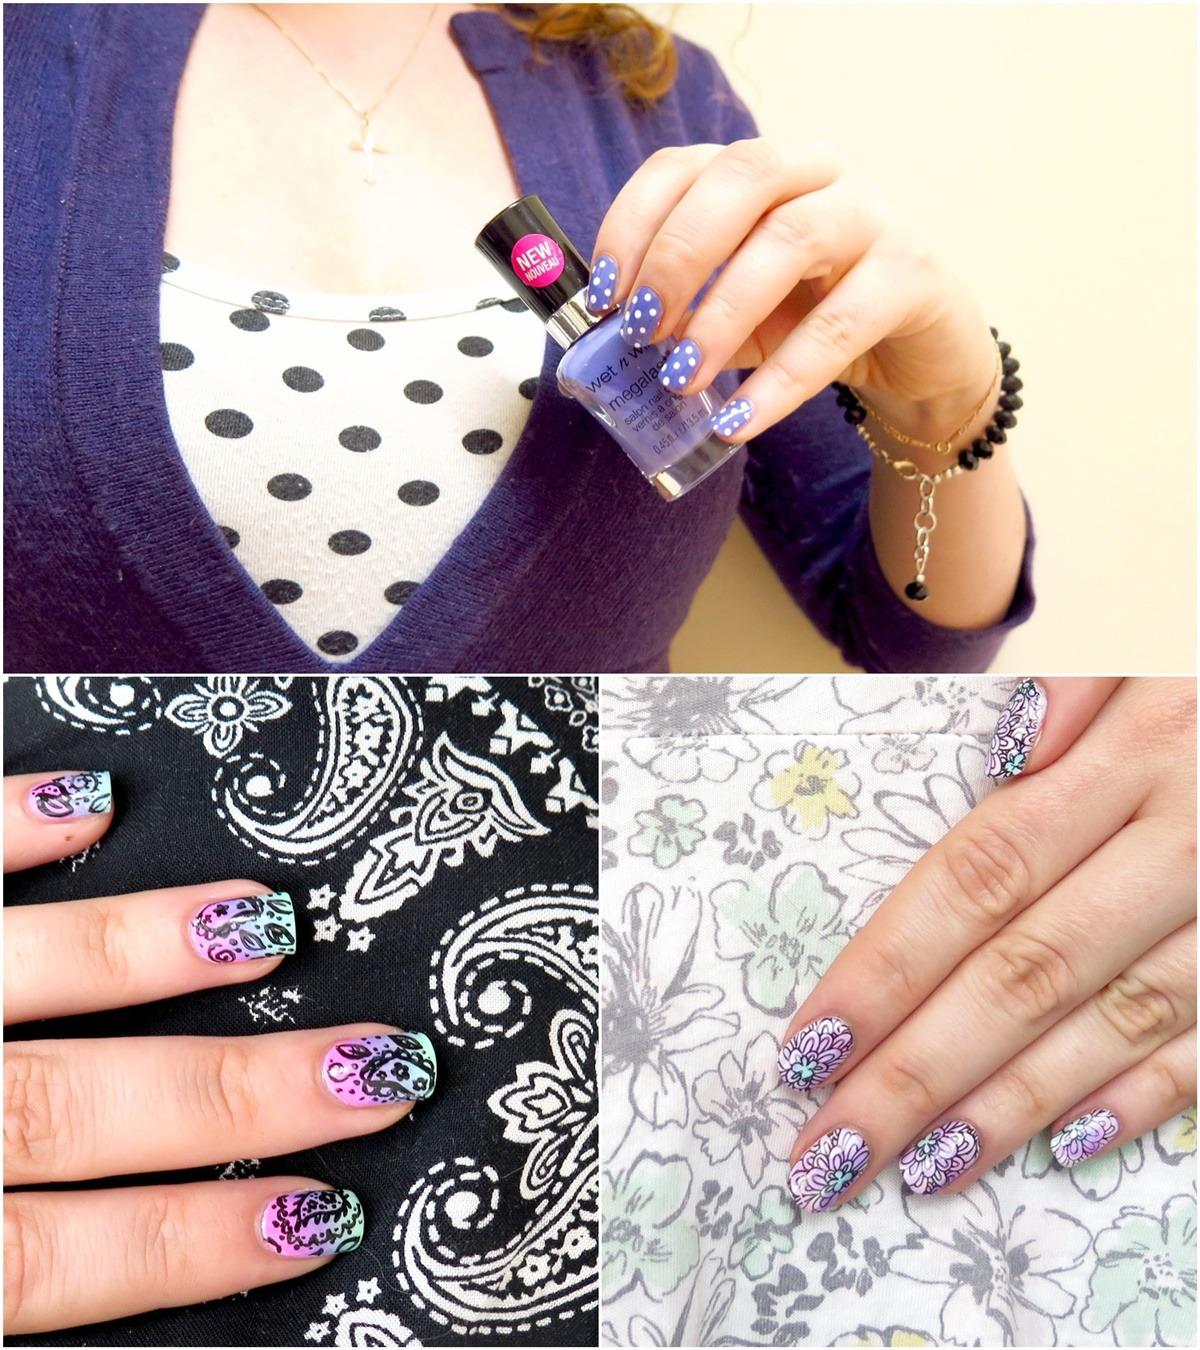 zdobienia paznokci pasujące do ubrania stroju stylizacji